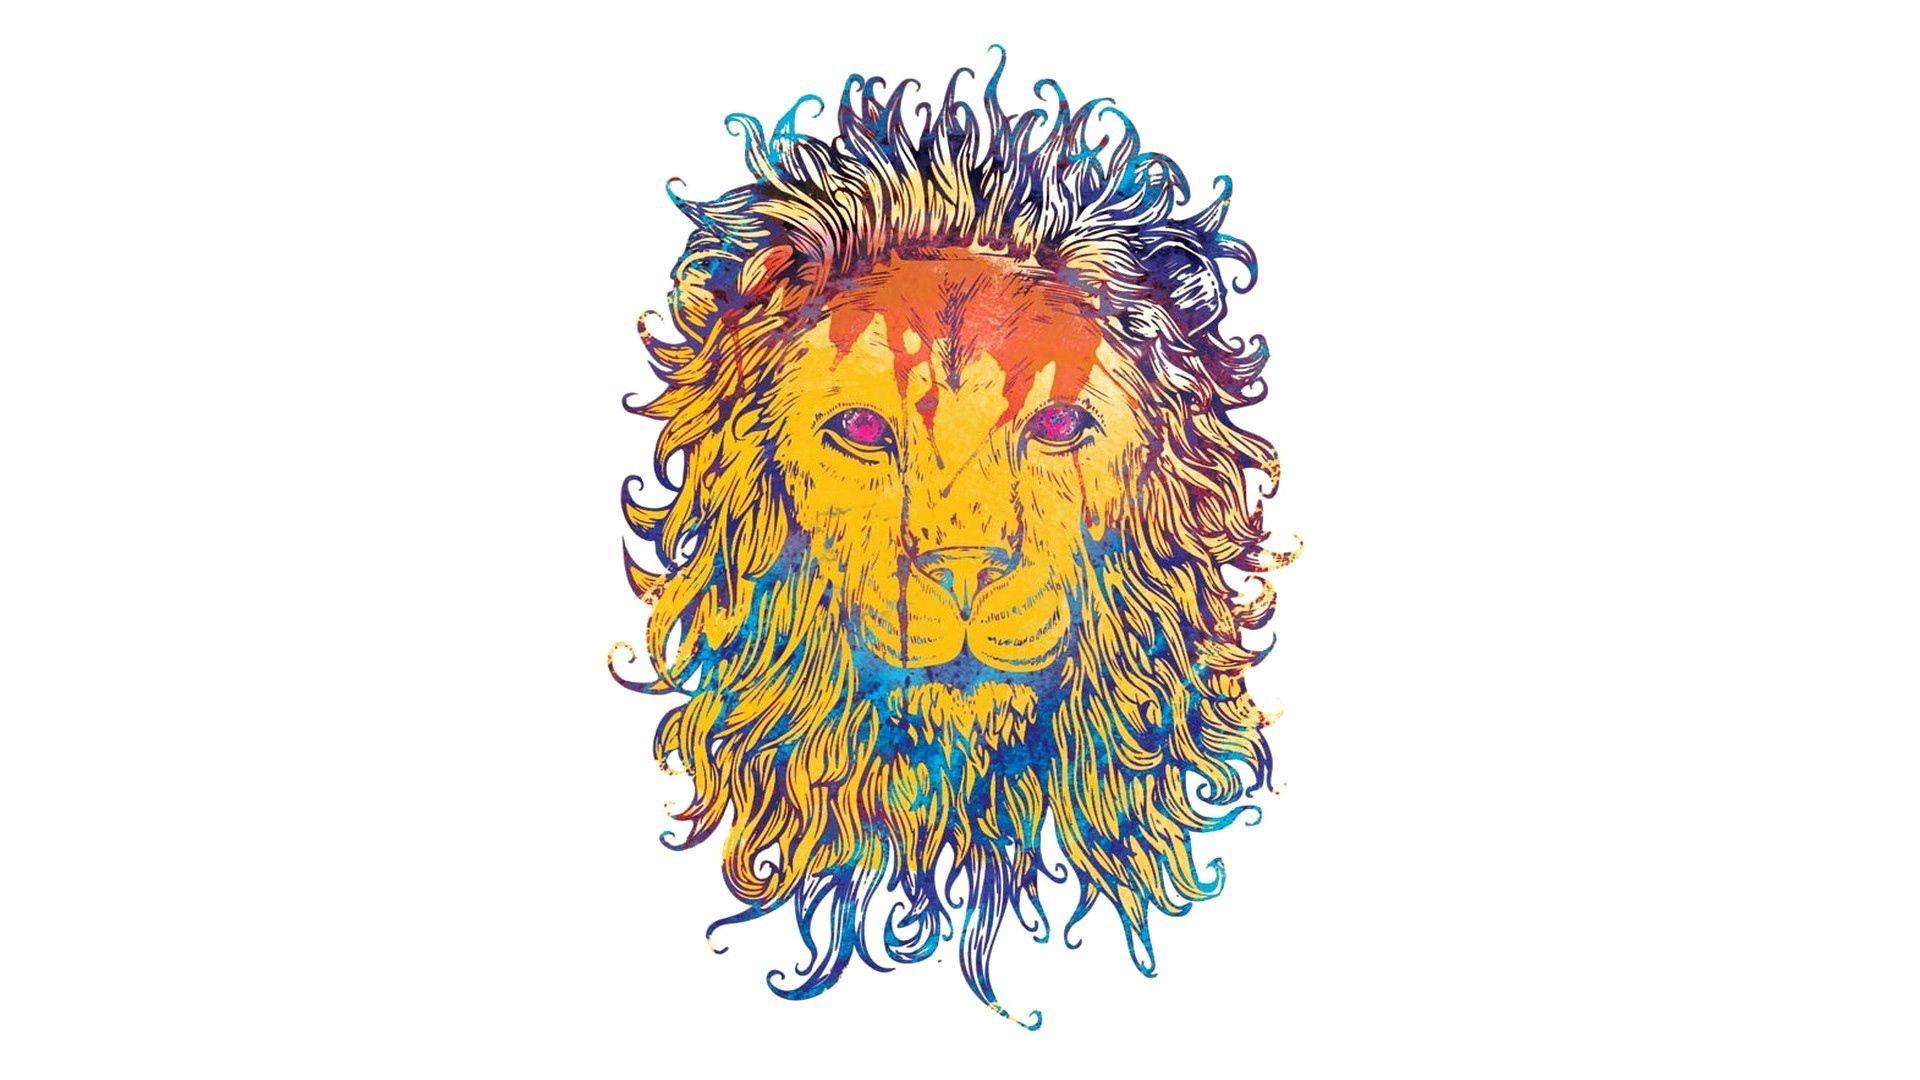 64956 Hintergrundbild herunterladen Vektor, Bild, Zeichnung, Ein Löwe, Löwe, Bunt, Bunten, König Der Bestien, König - Bildschirmschoner und Bilder kostenlos